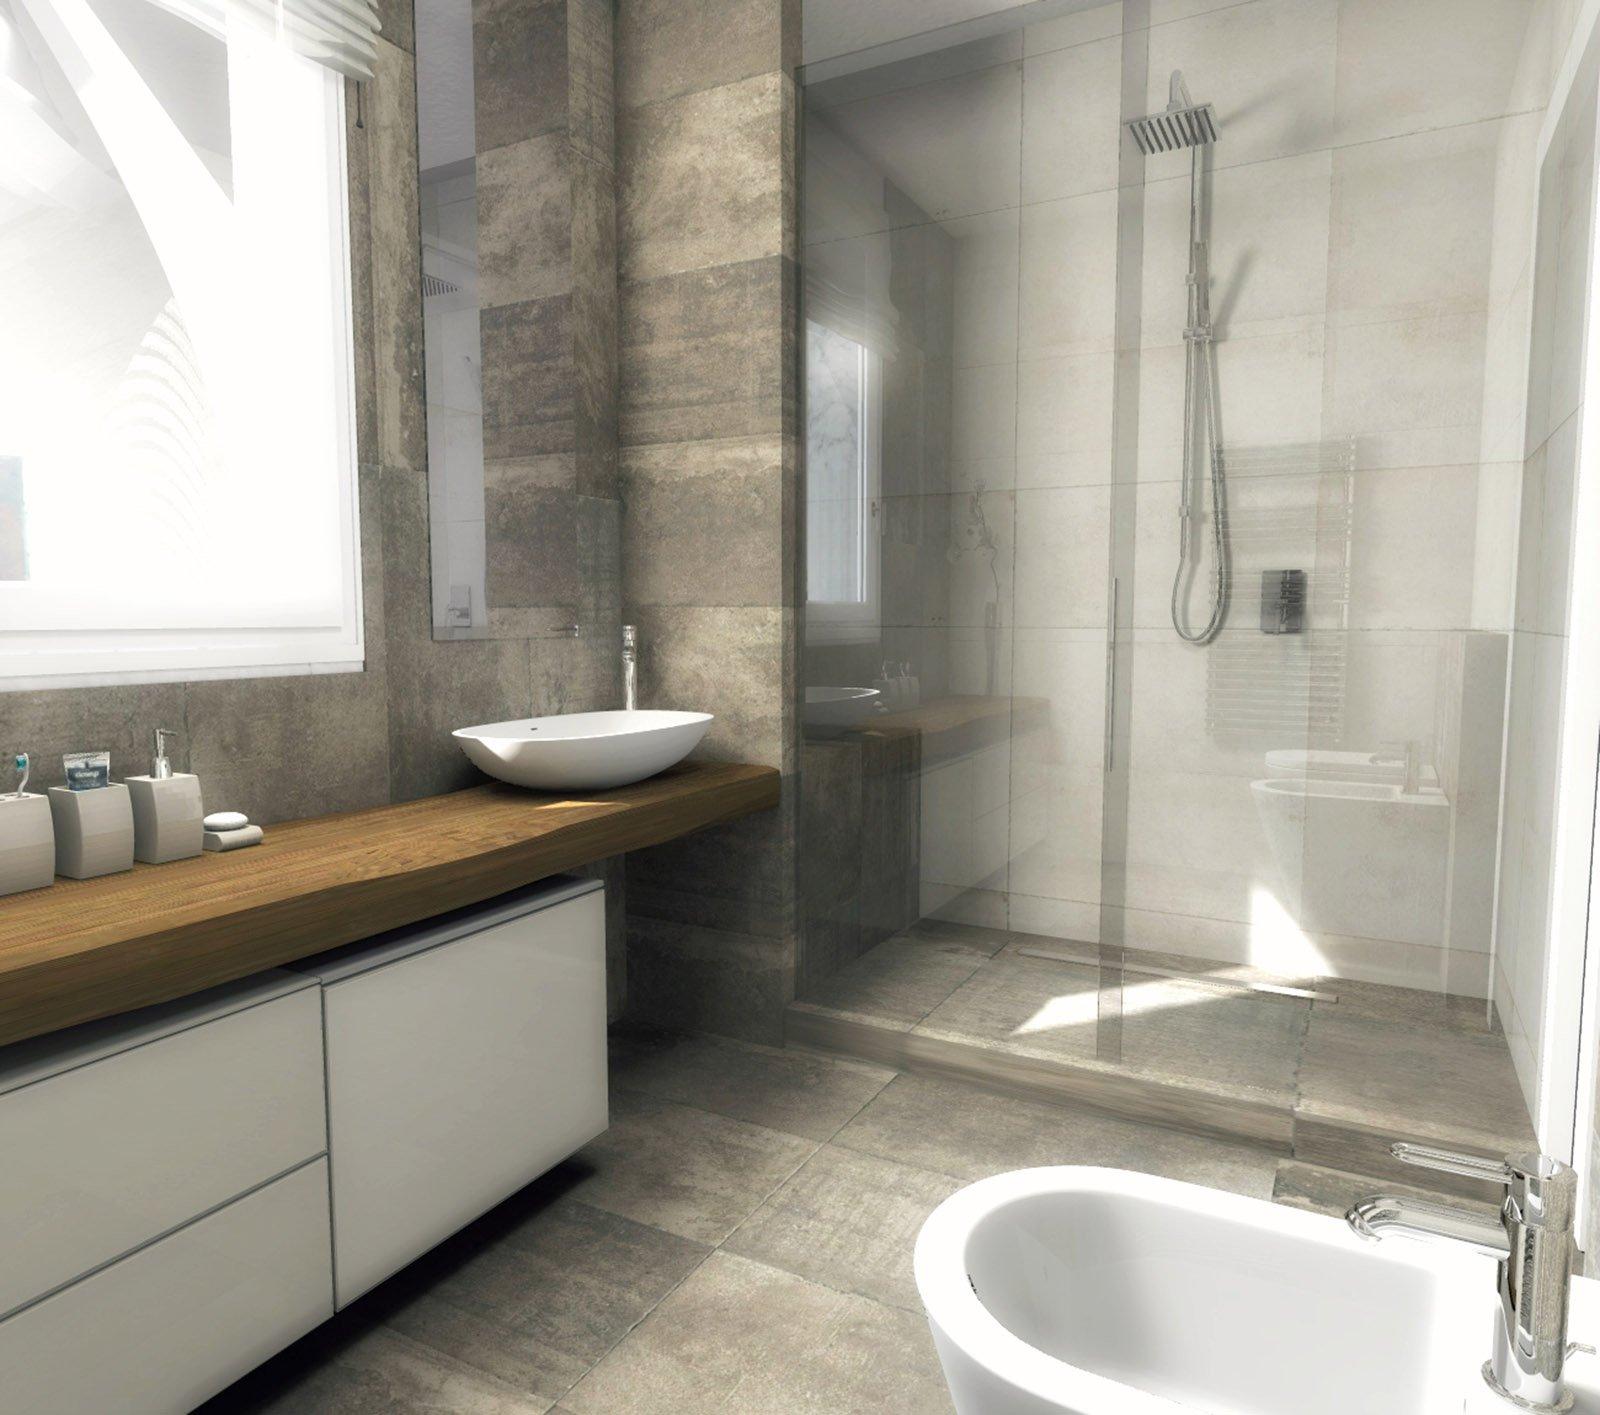 Bagno quale la distribuzione migliore per sanitari e doccia cose di casa - Soluzioni per gradino in bagno ...